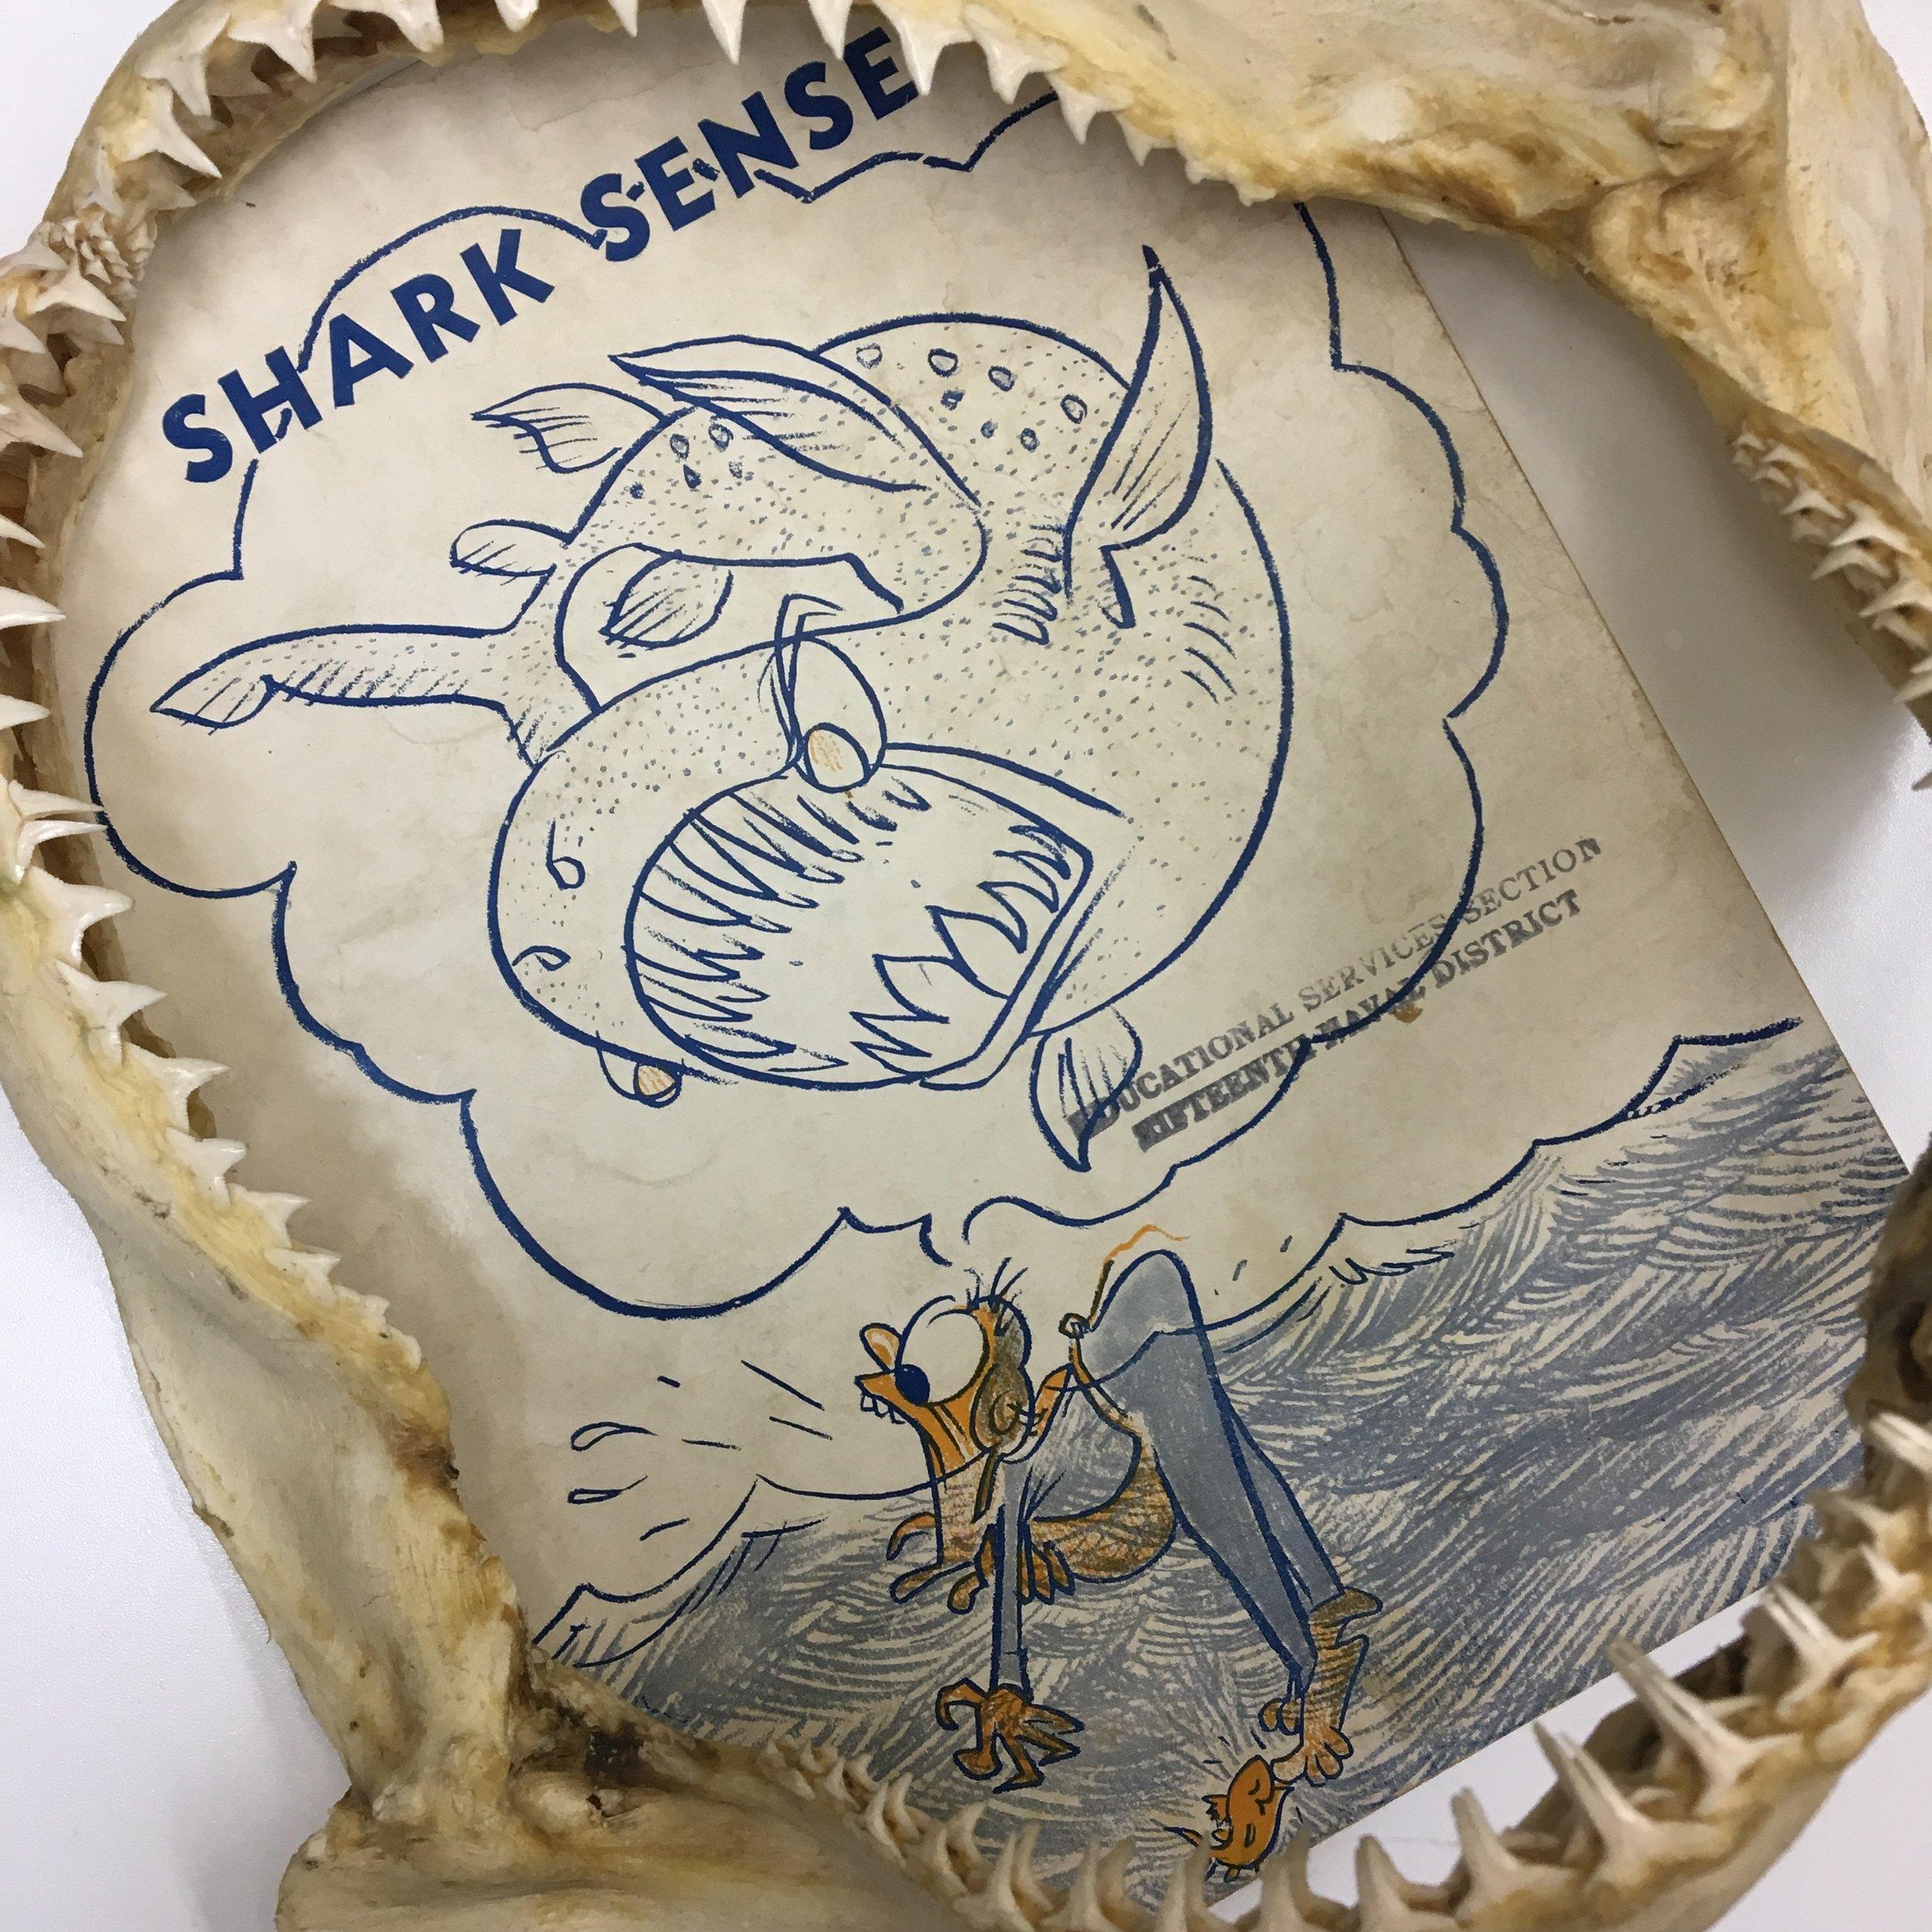 LSM-sharksense